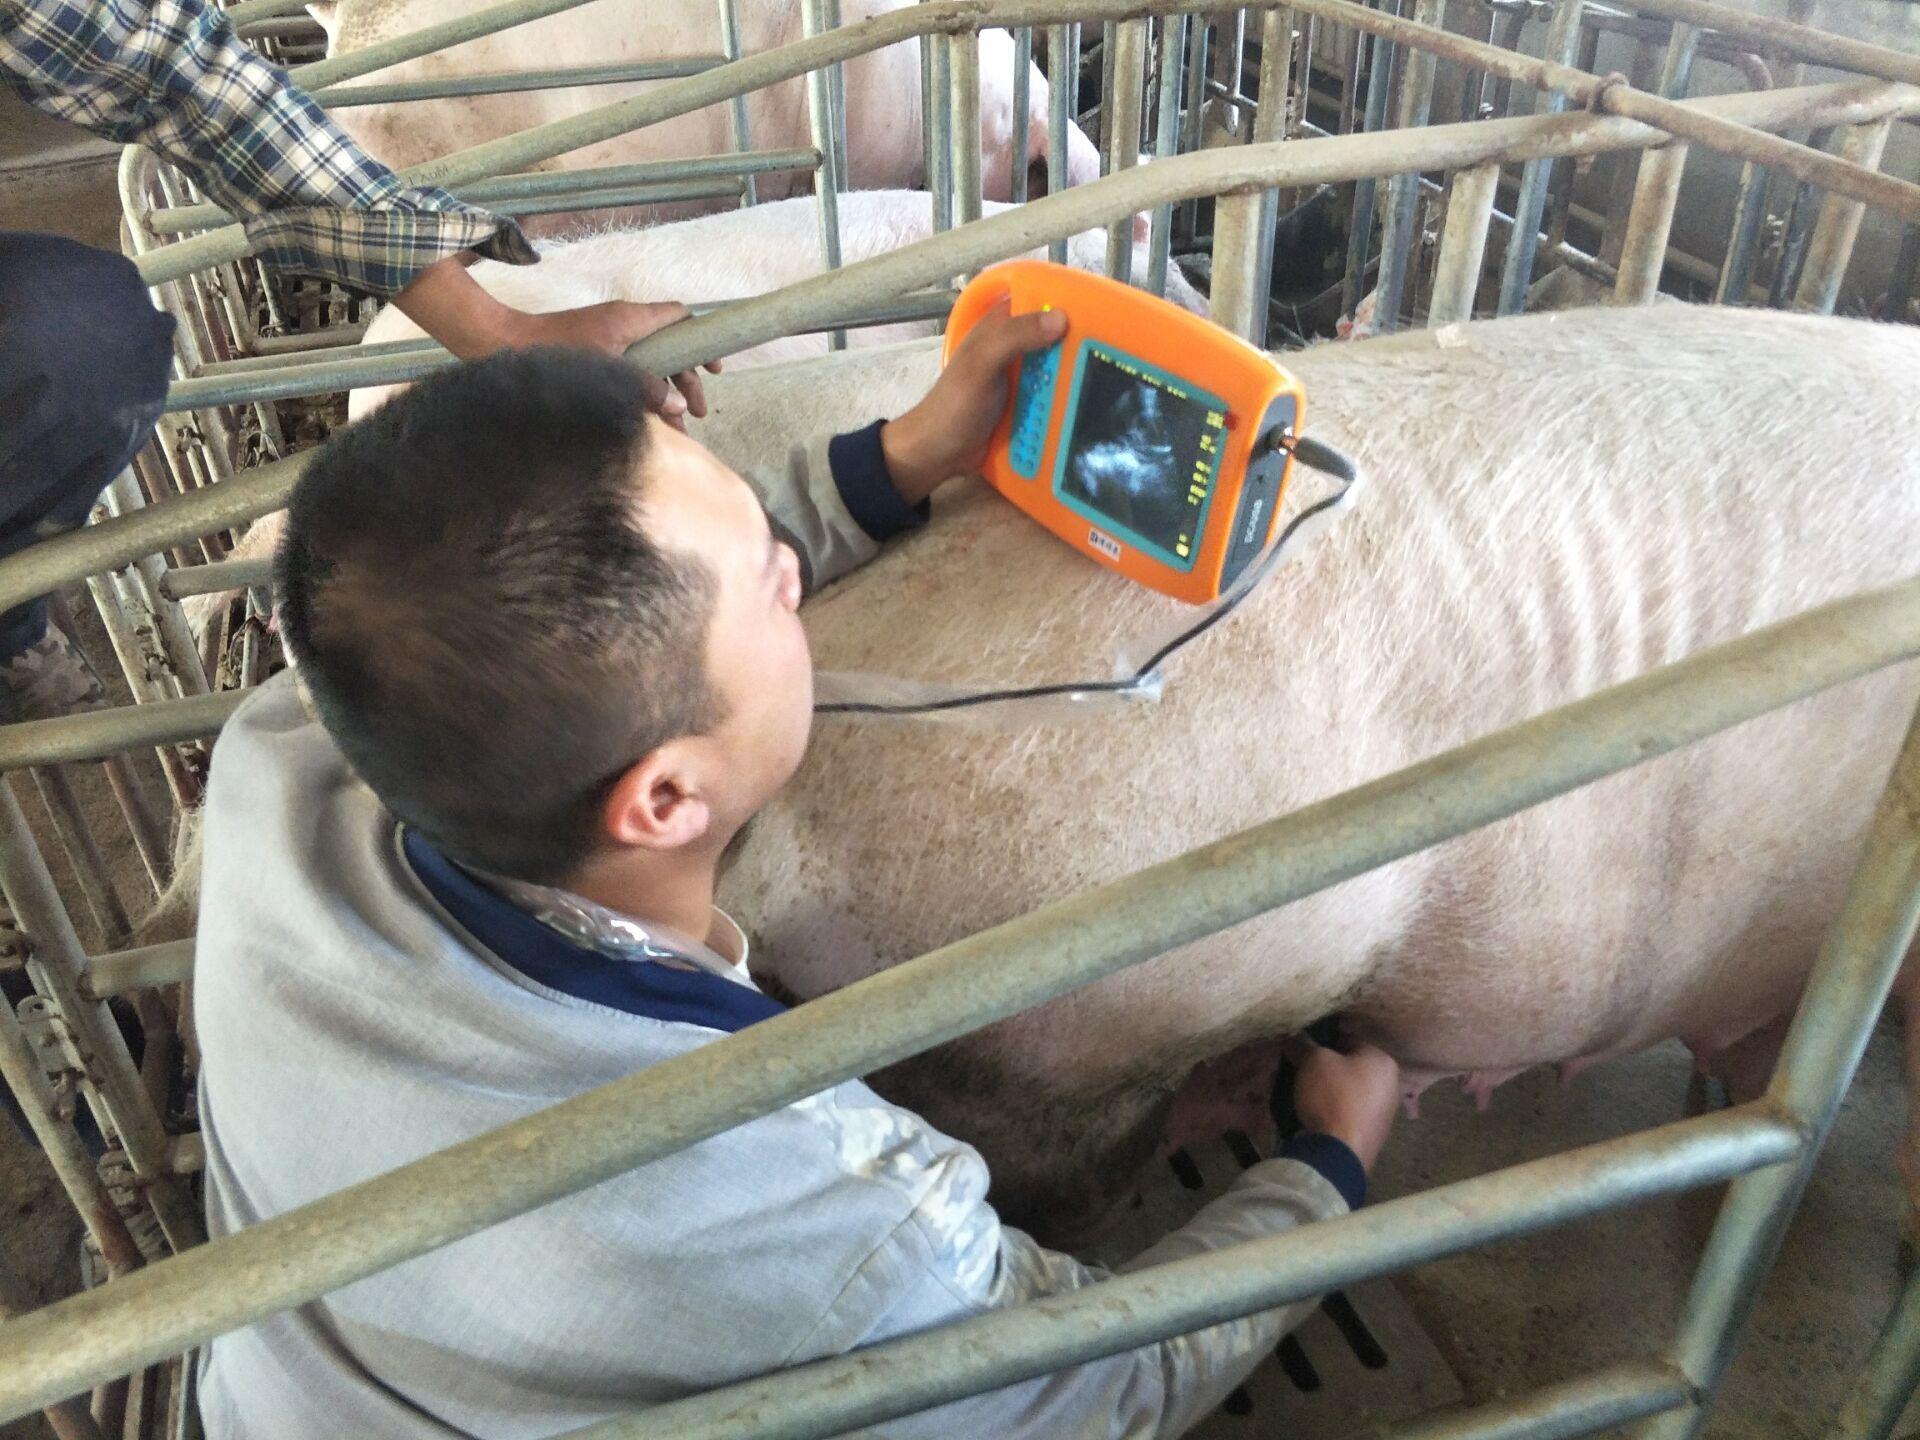 猪用B超如何观察图像